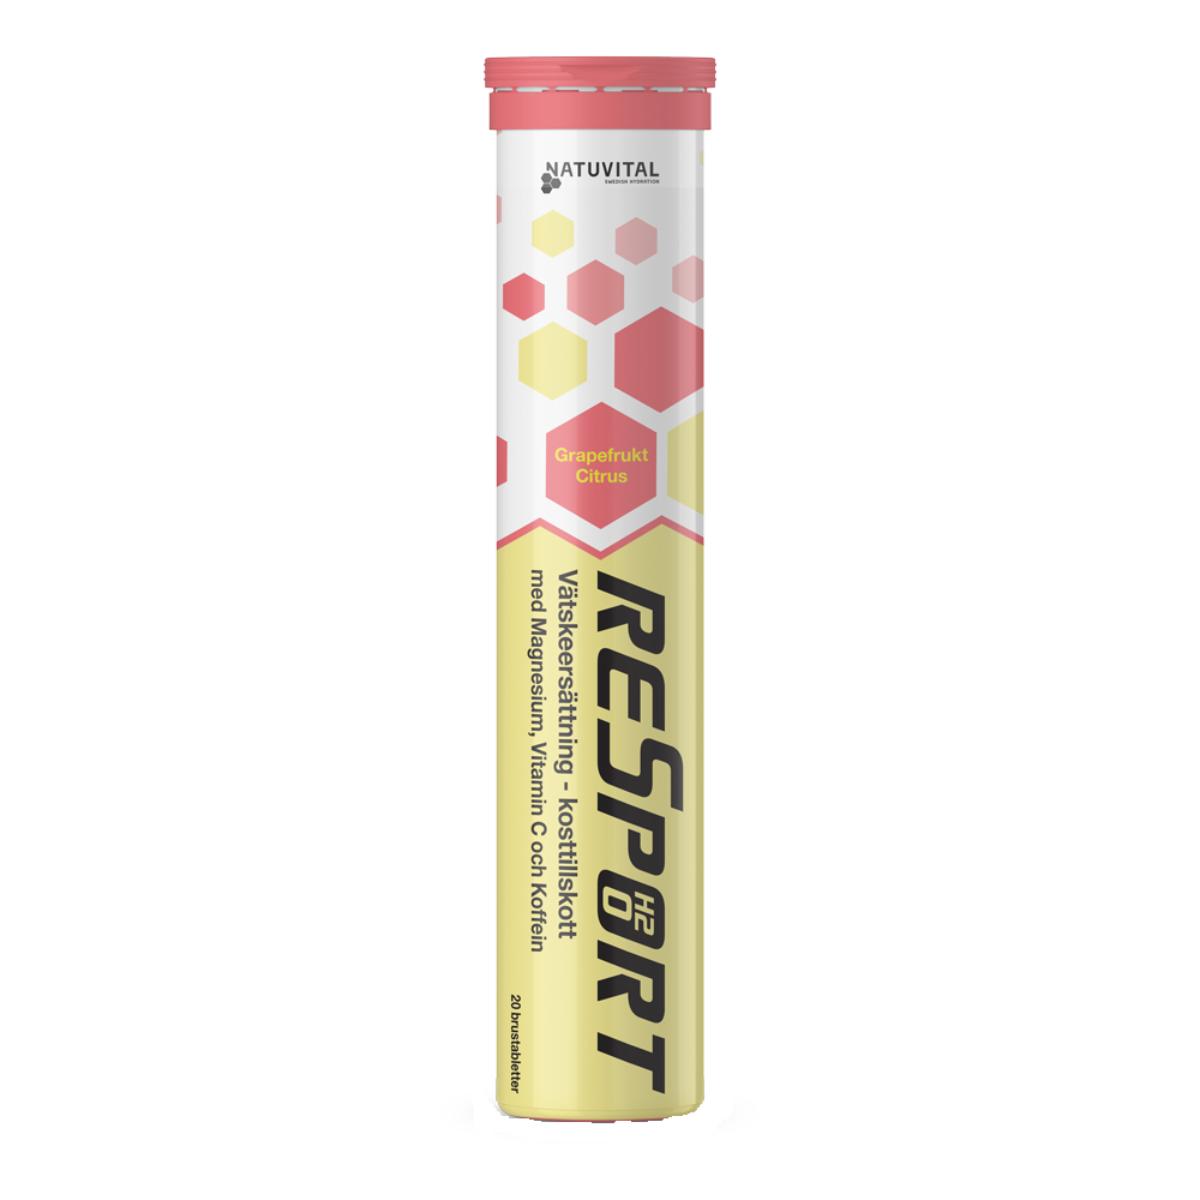 ReSport (koffein) Grapefrukt/Citrus